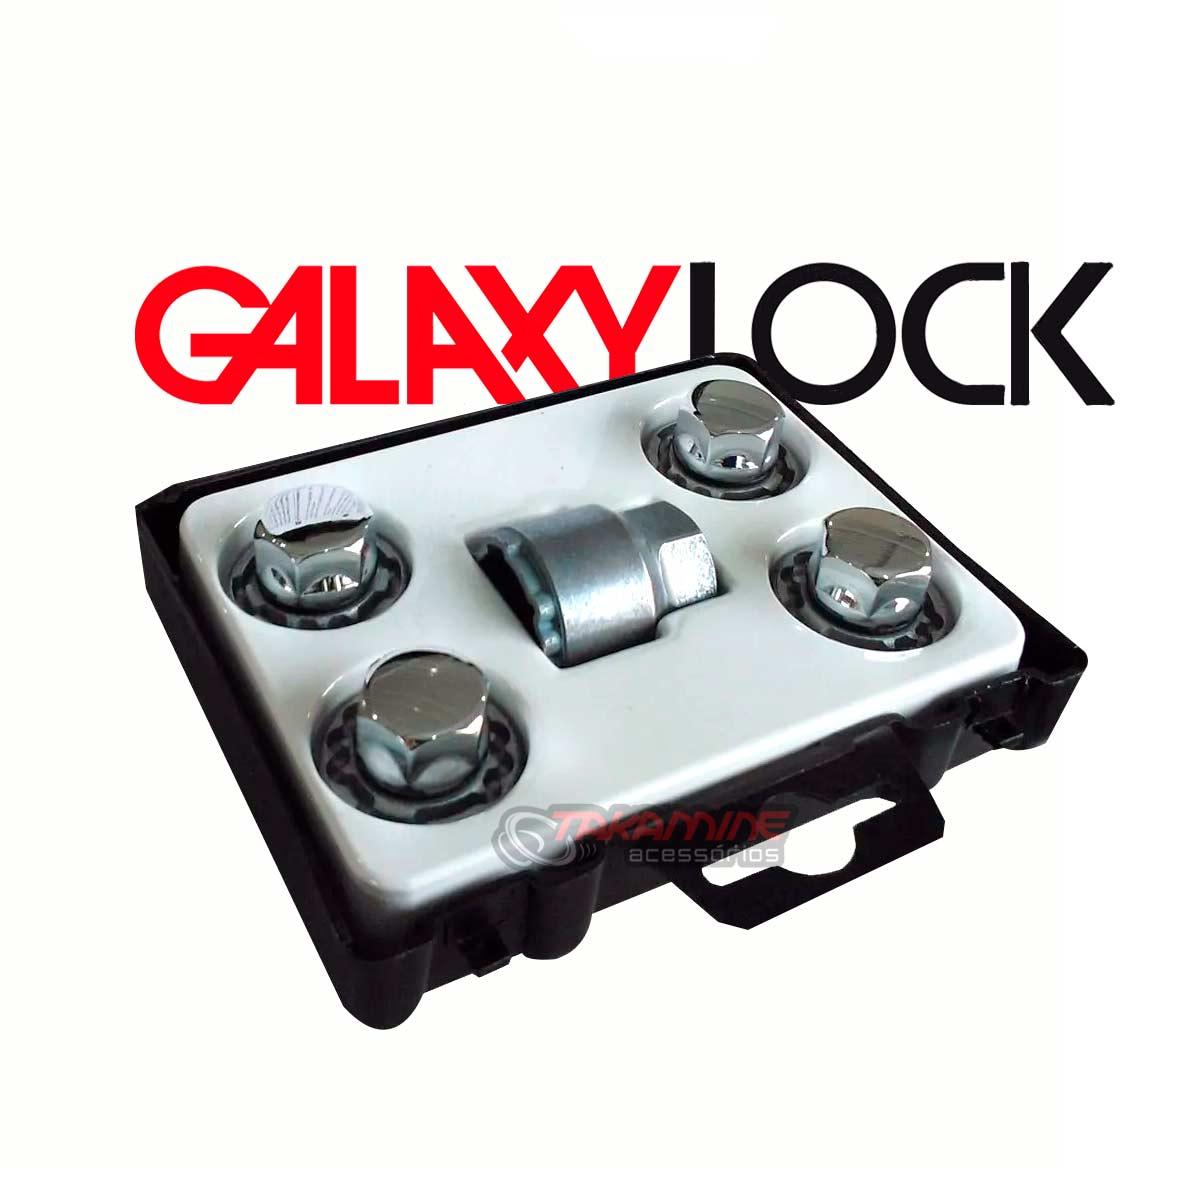 Porca antifurto para rodas Galaxy Lock Accord 1993 até 2020 AC1/M